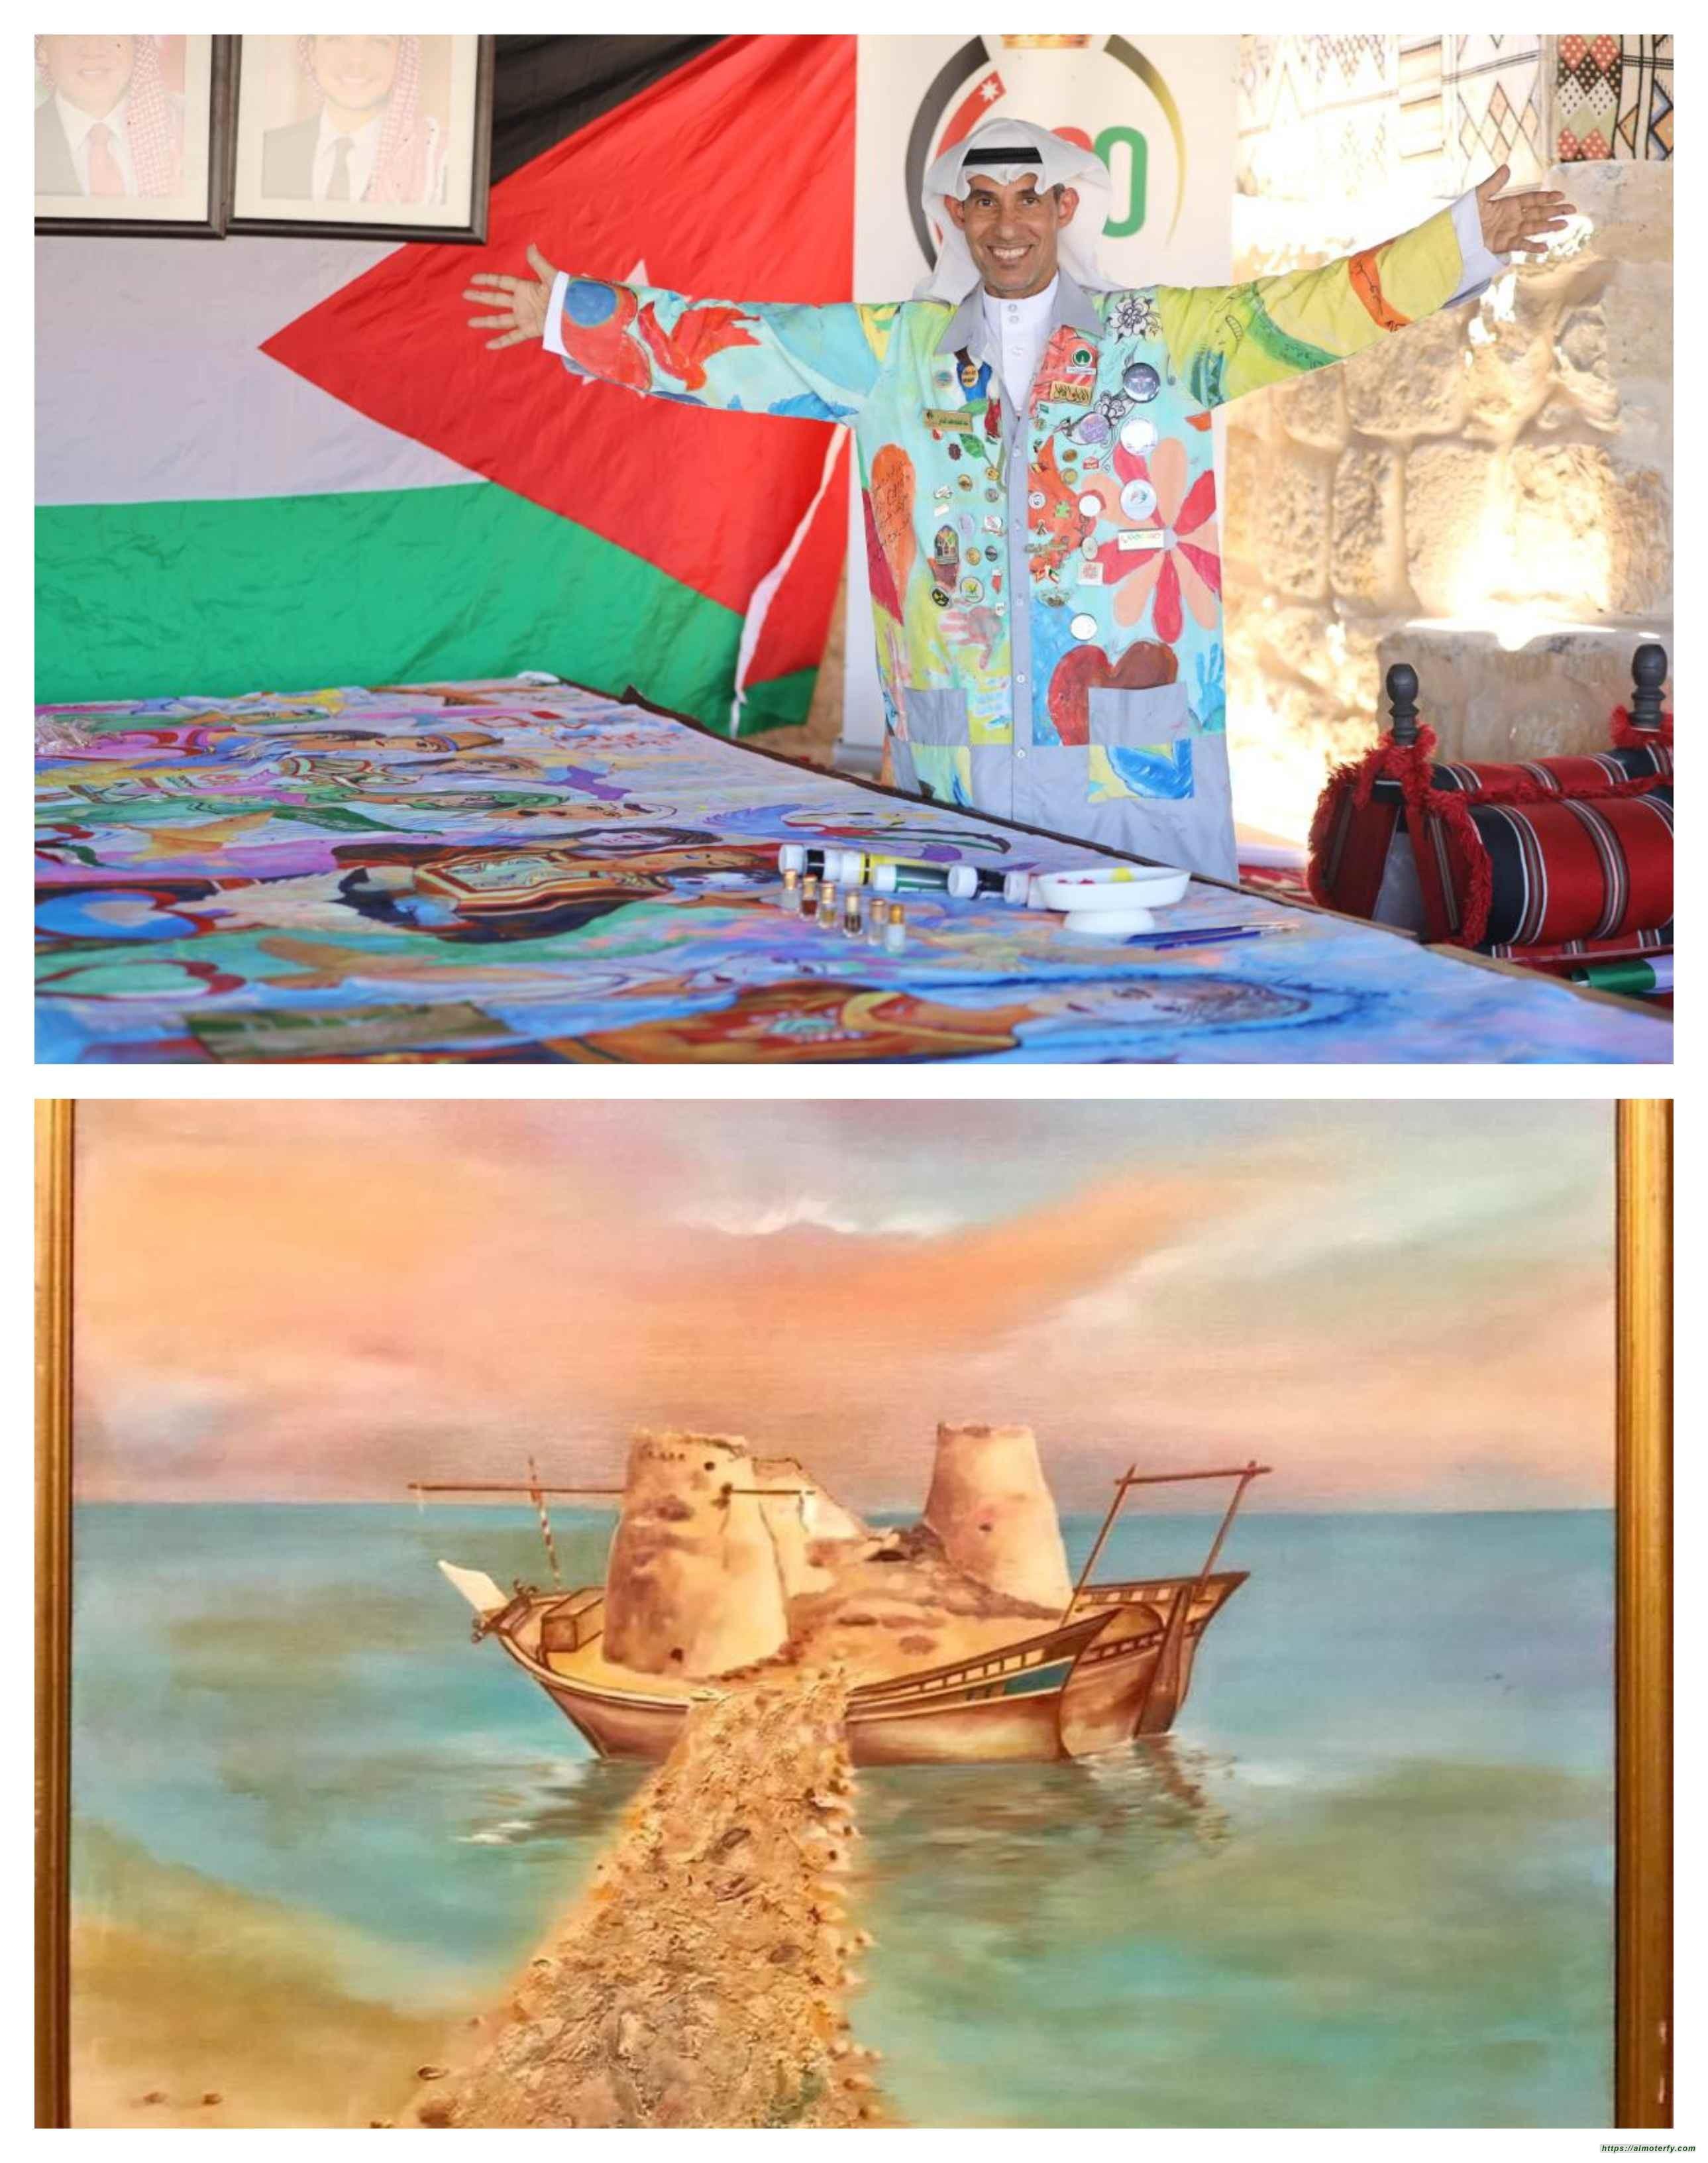 بعد الأحلام التي راودته قبل 30 سنة الفنان الضامن يؤكد : حلمي ليس ببعيد وفق رؤية المملكة جيفري أعلنها والنتائج ستحقق الدهشة بجمال جزيرة تاروت